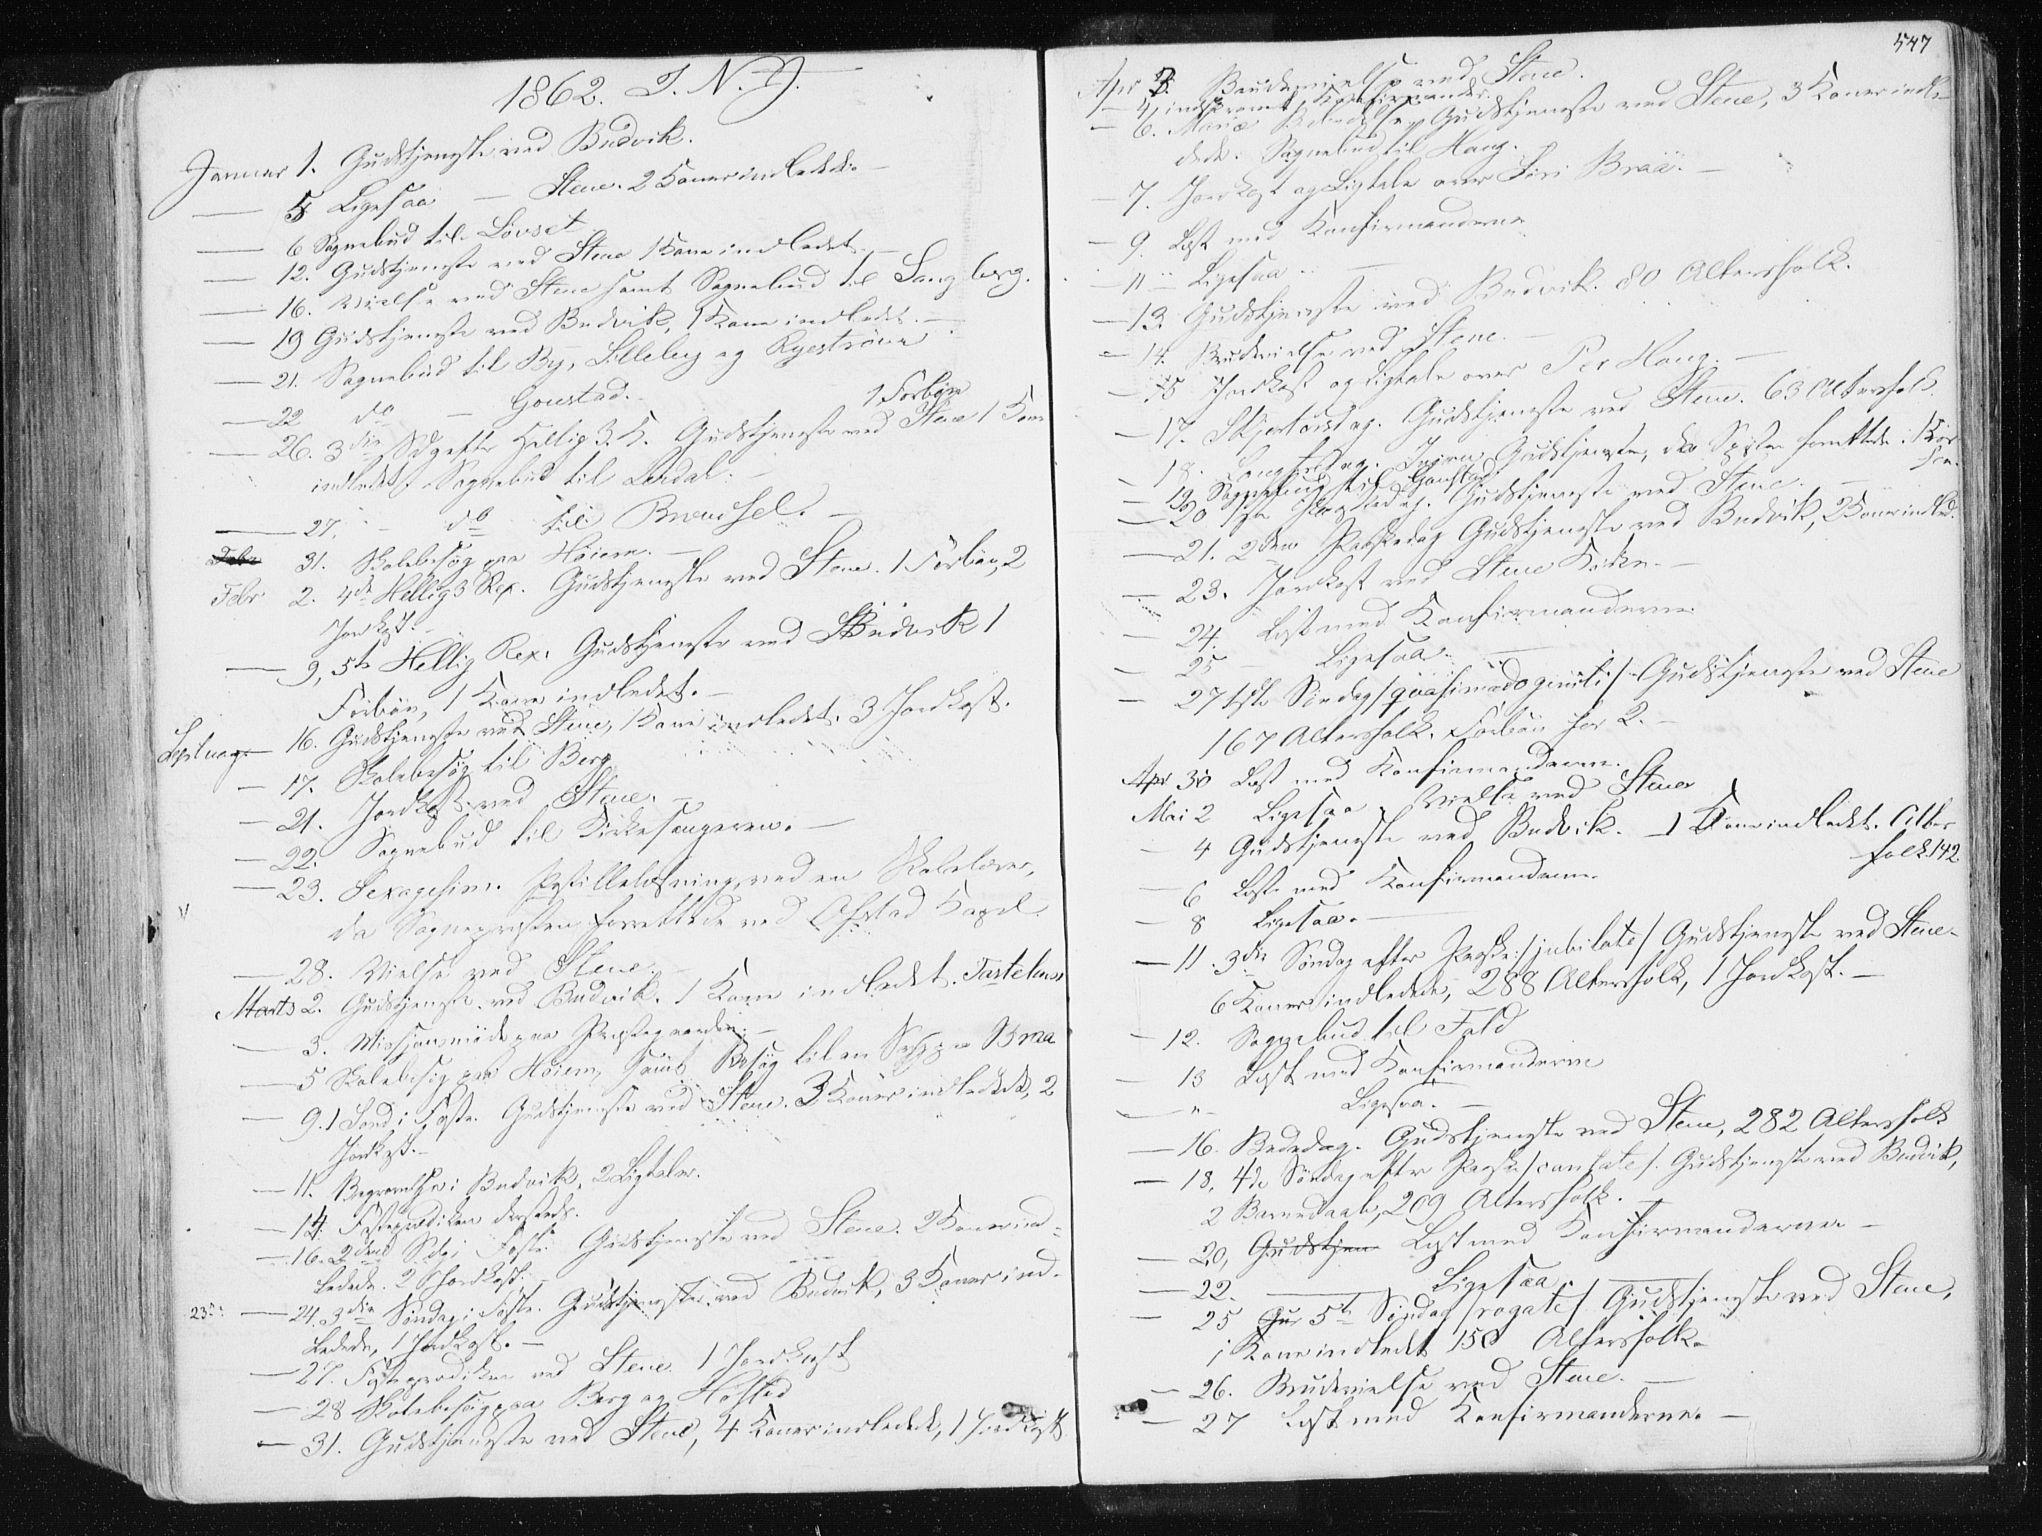 SAT, Ministerialprotokoller, klokkerbøker og fødselsregistre - Sør-Trøndelag, 612/L0377: Ministerialbok nr. 612A09, 1859-1877, s. 547